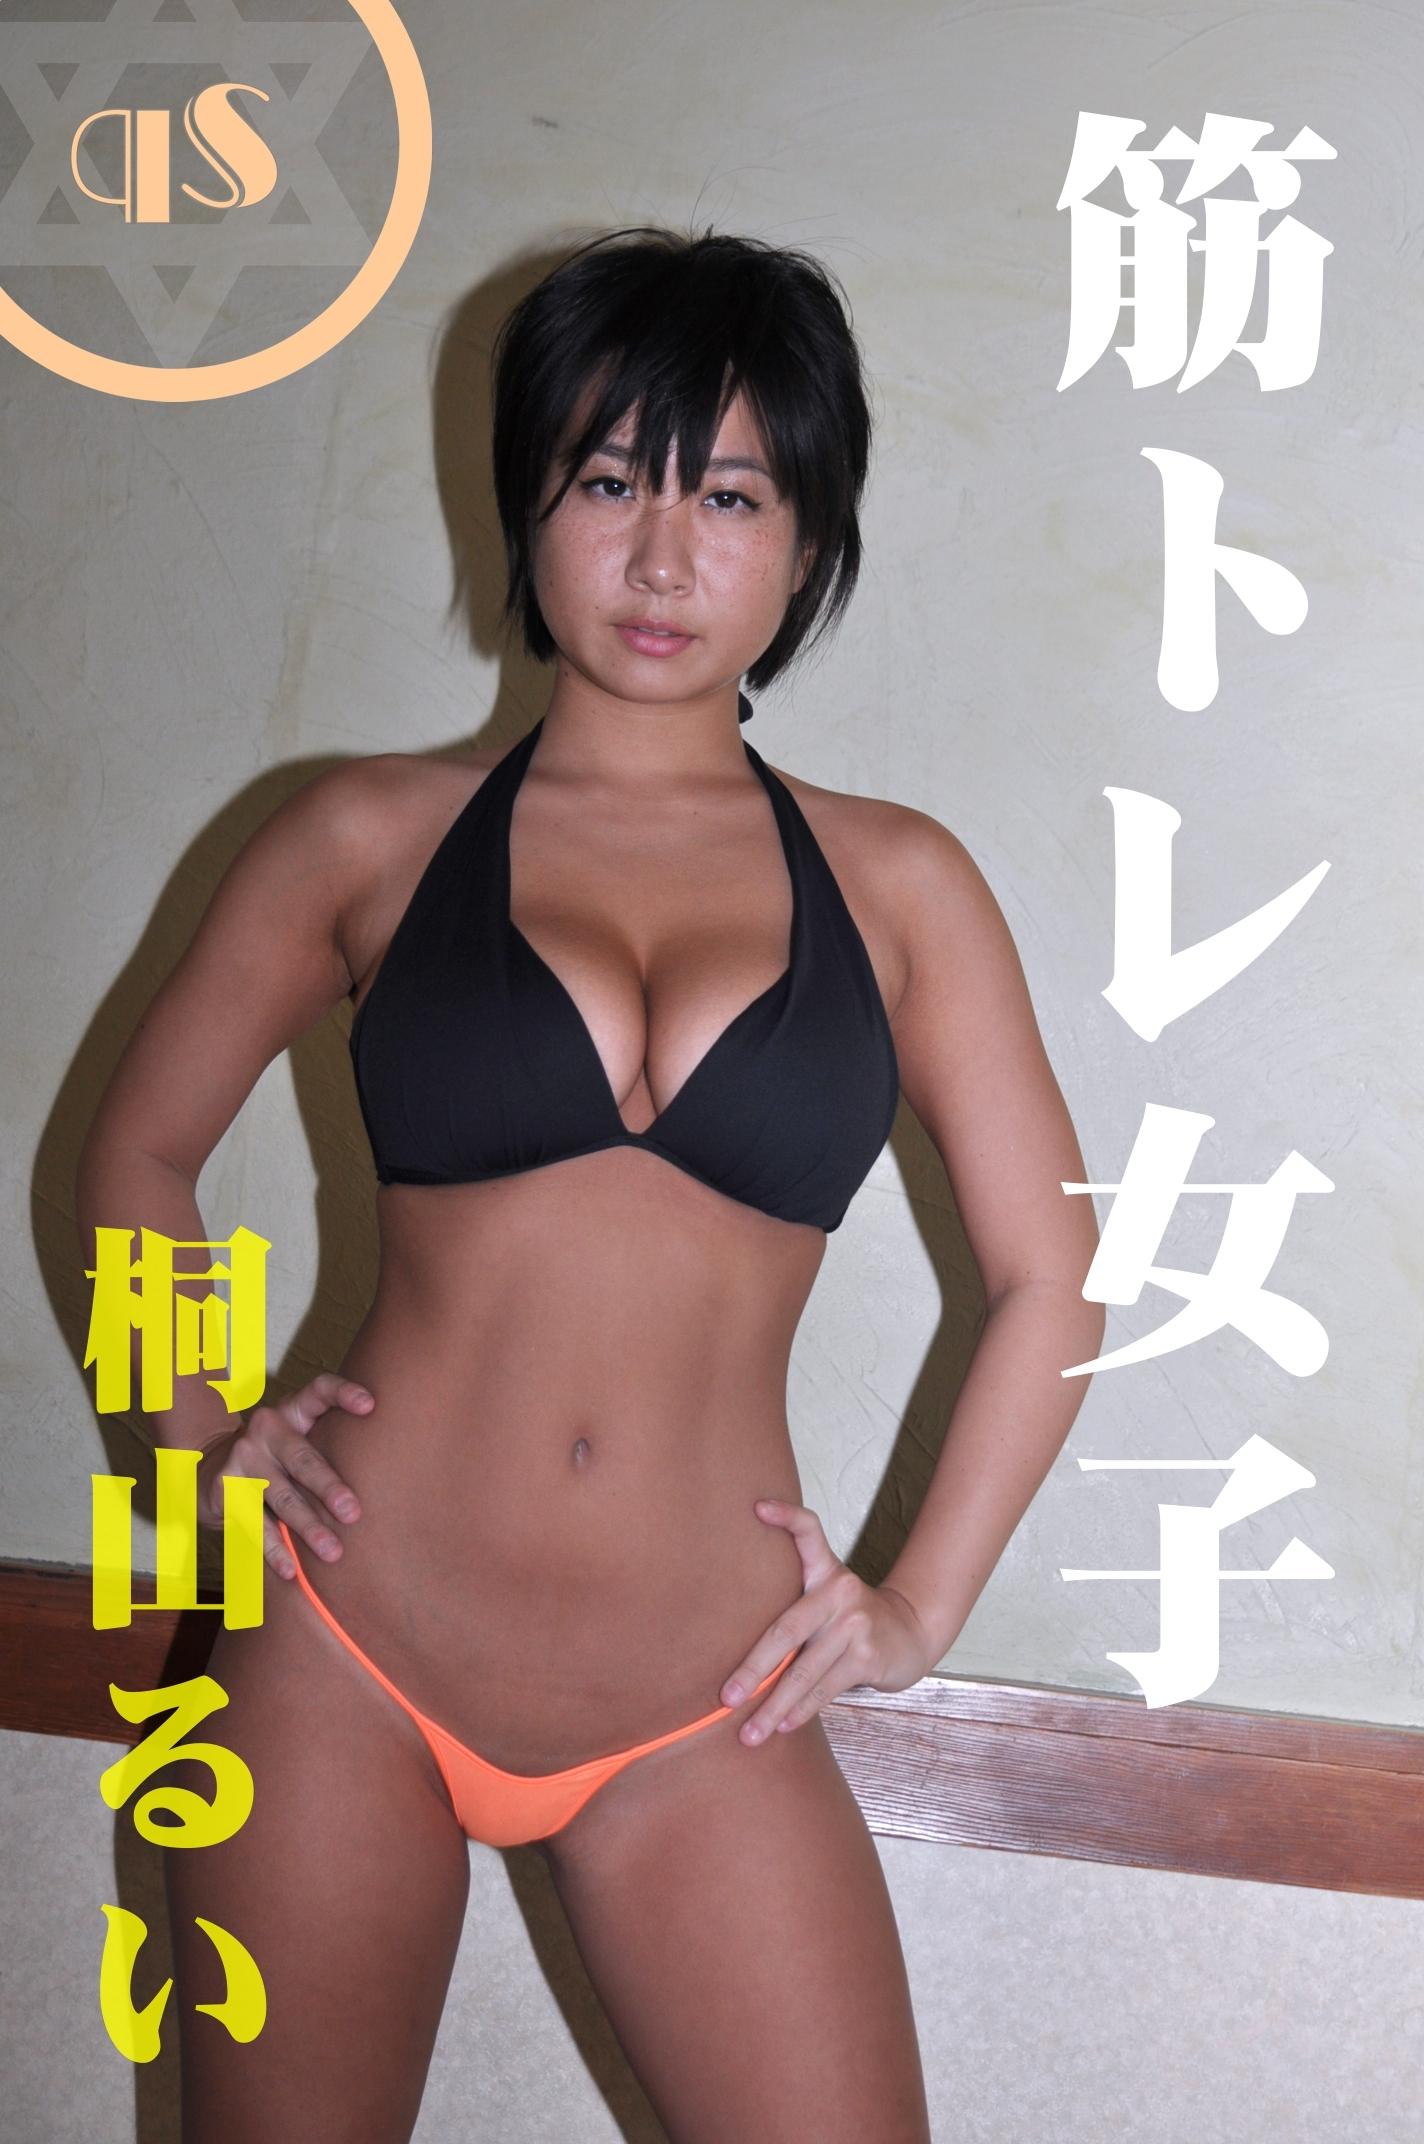 image http://scanlover.com/assets/images/406-p7xQjd5VTBjyn3BF.jpeg